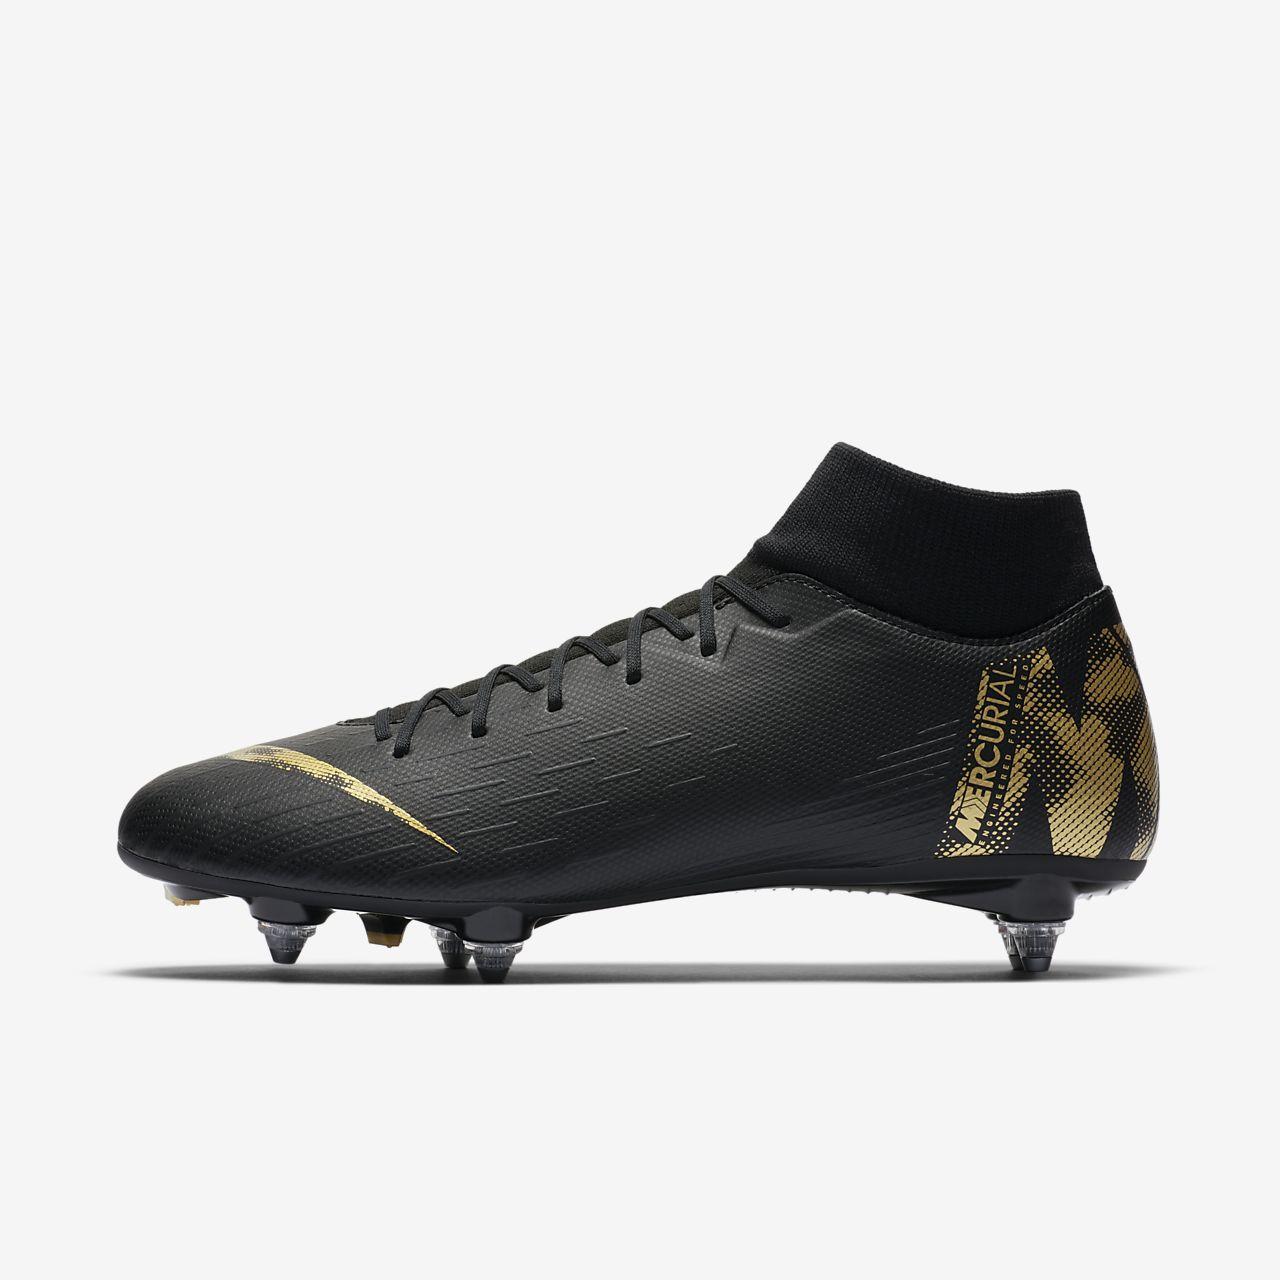 check out bb729 0f762 ... Fotbollssko för mjukt underlag Nike Mercurial Superfly VI Academy SG-PRO